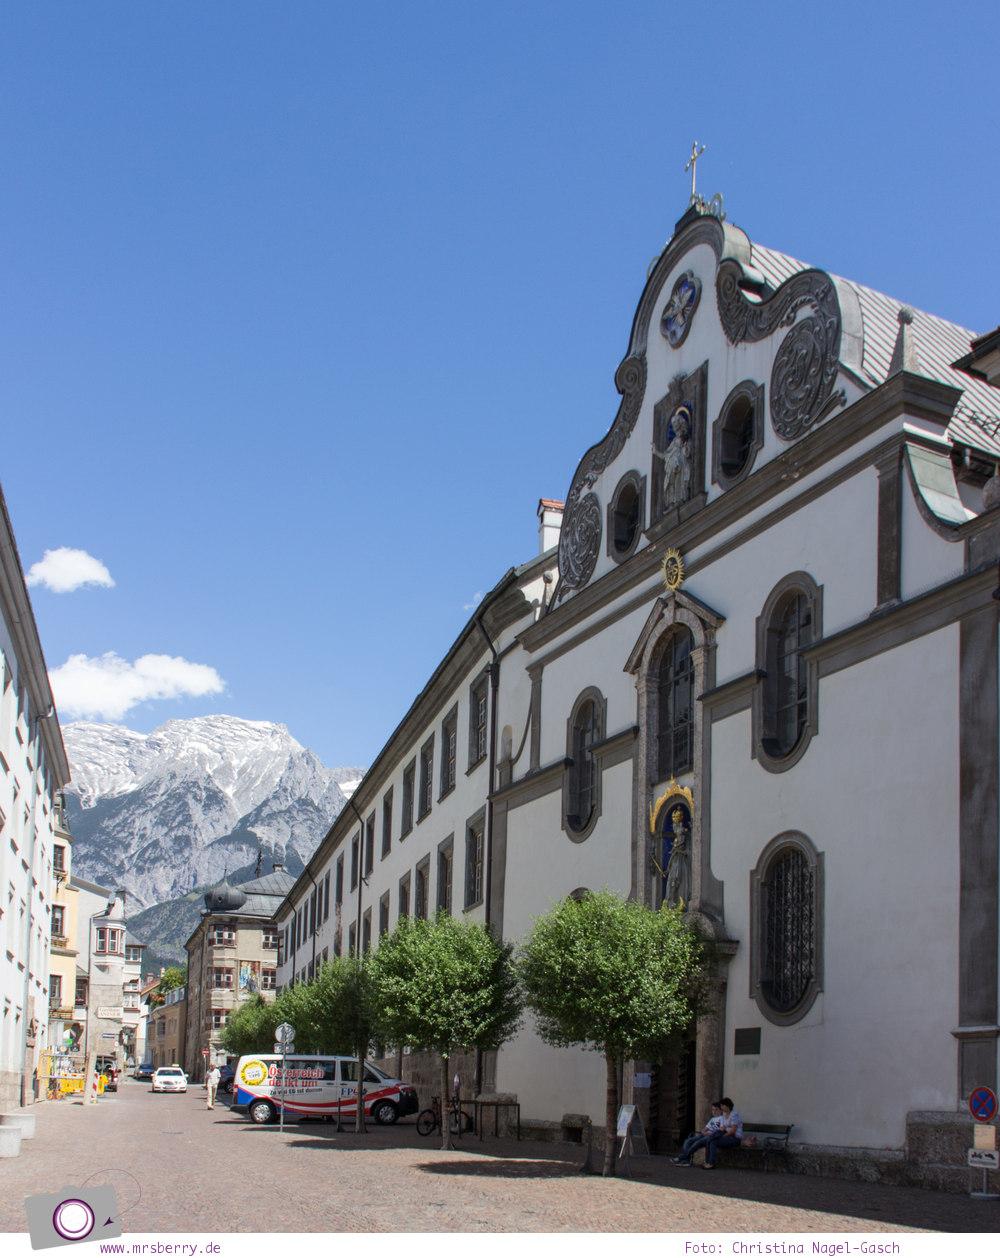 Eindrücke aus Hall-Wattens in Tirol -  Stadtrundgang